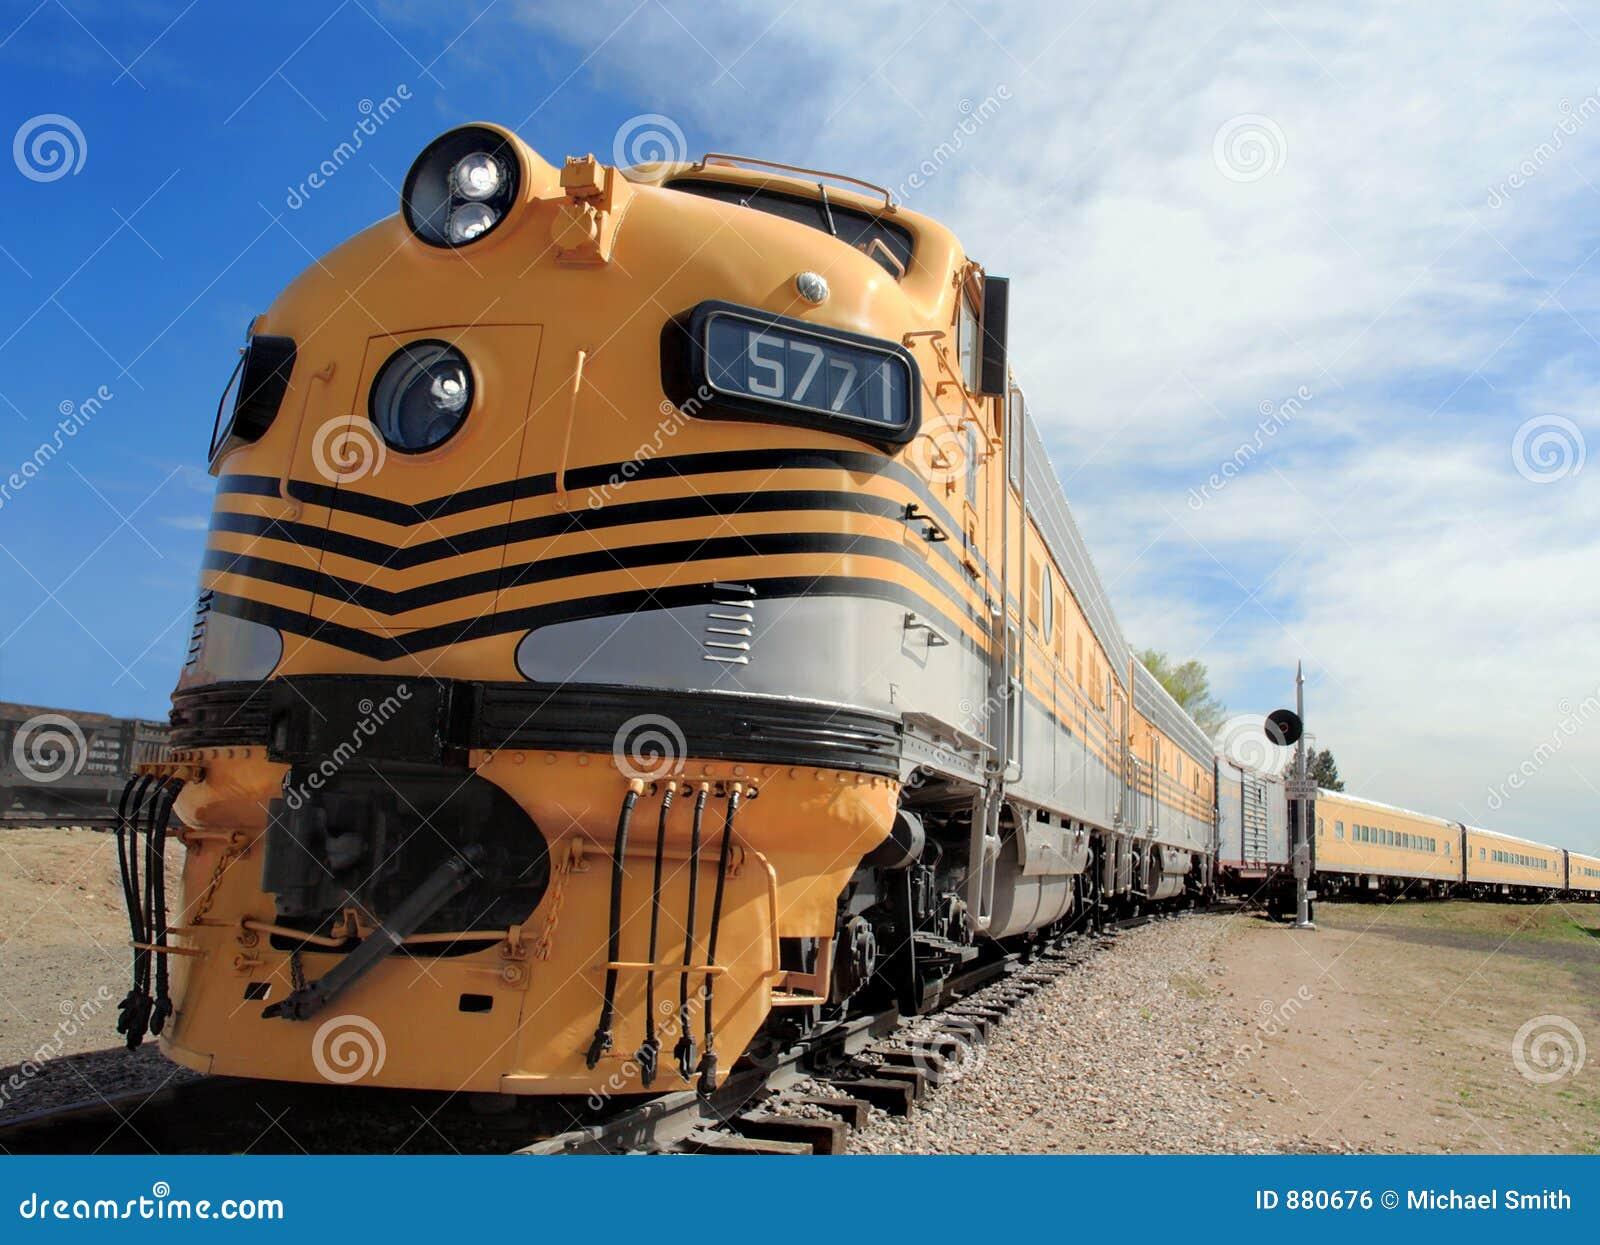 Dawne czasy lokomotywa usprawniająca